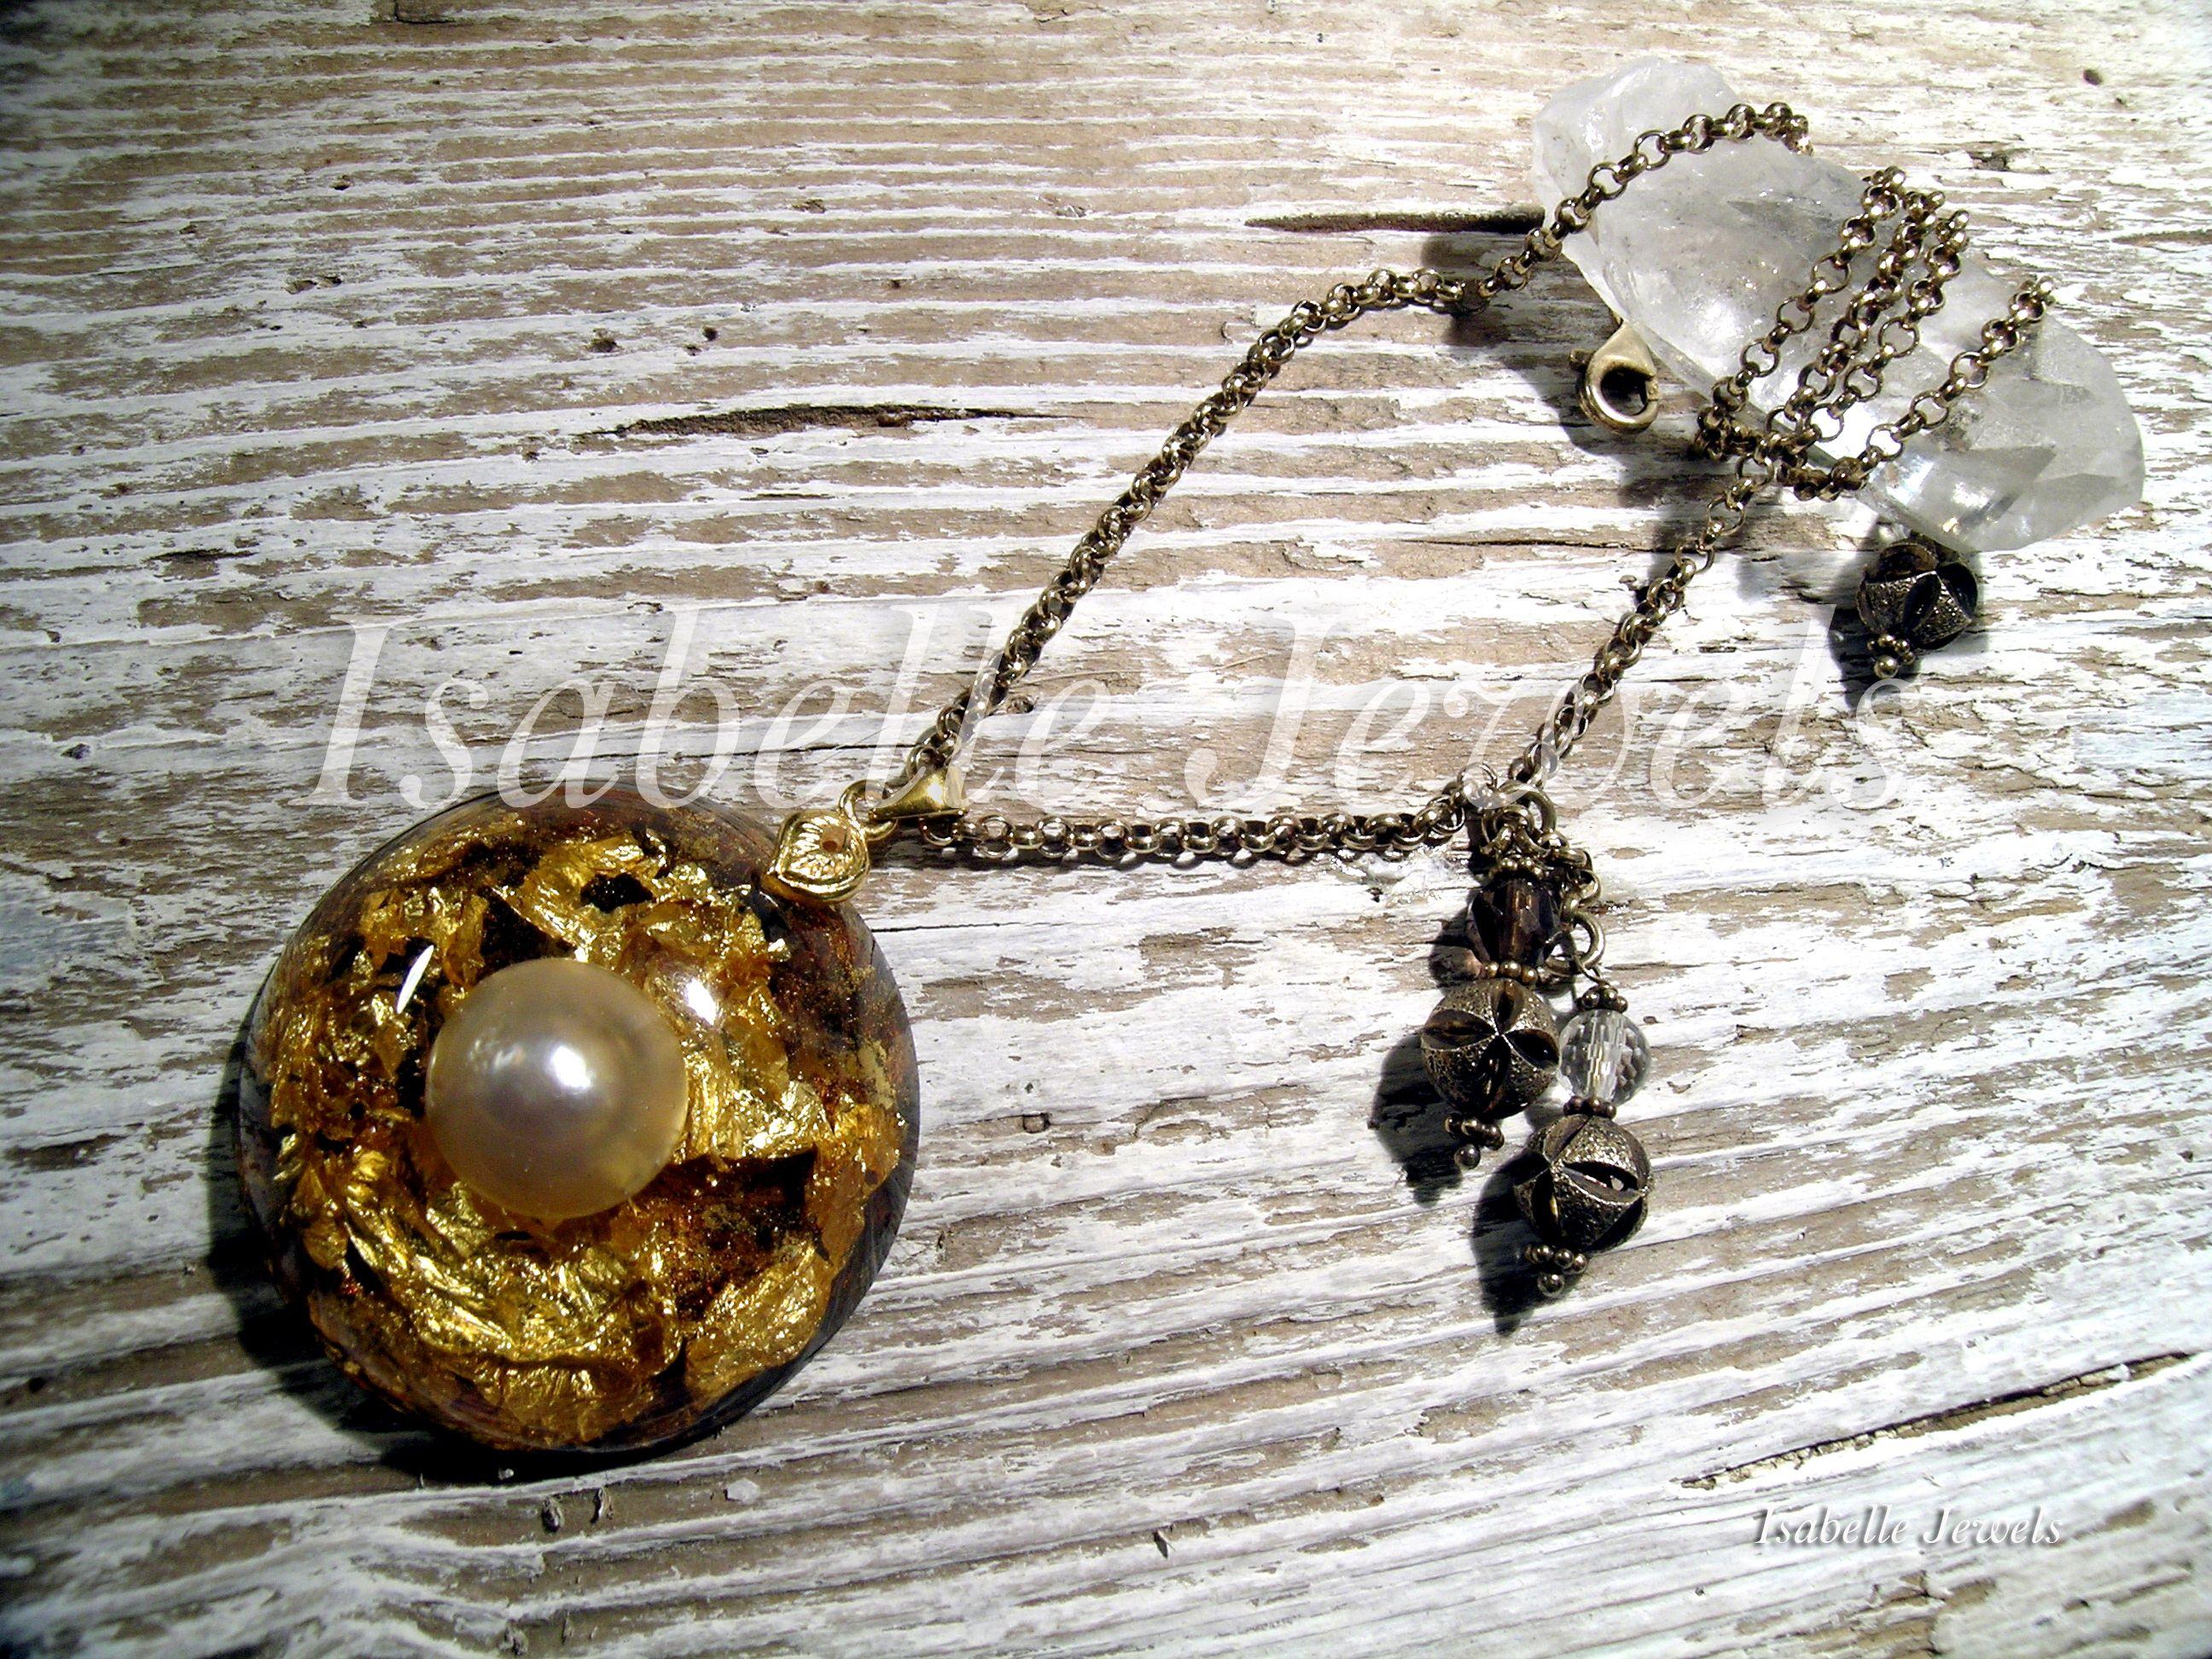 isabellejewels.com Collana realizzata in resina con inclusione di una perla mabe' , foglia oro 22 carati. Montatura in argento dorato, cristallo di rocca, #necklace #jewels #jewelry #art #artist #artwork #design #perarls #fashion #look #sterling #silver